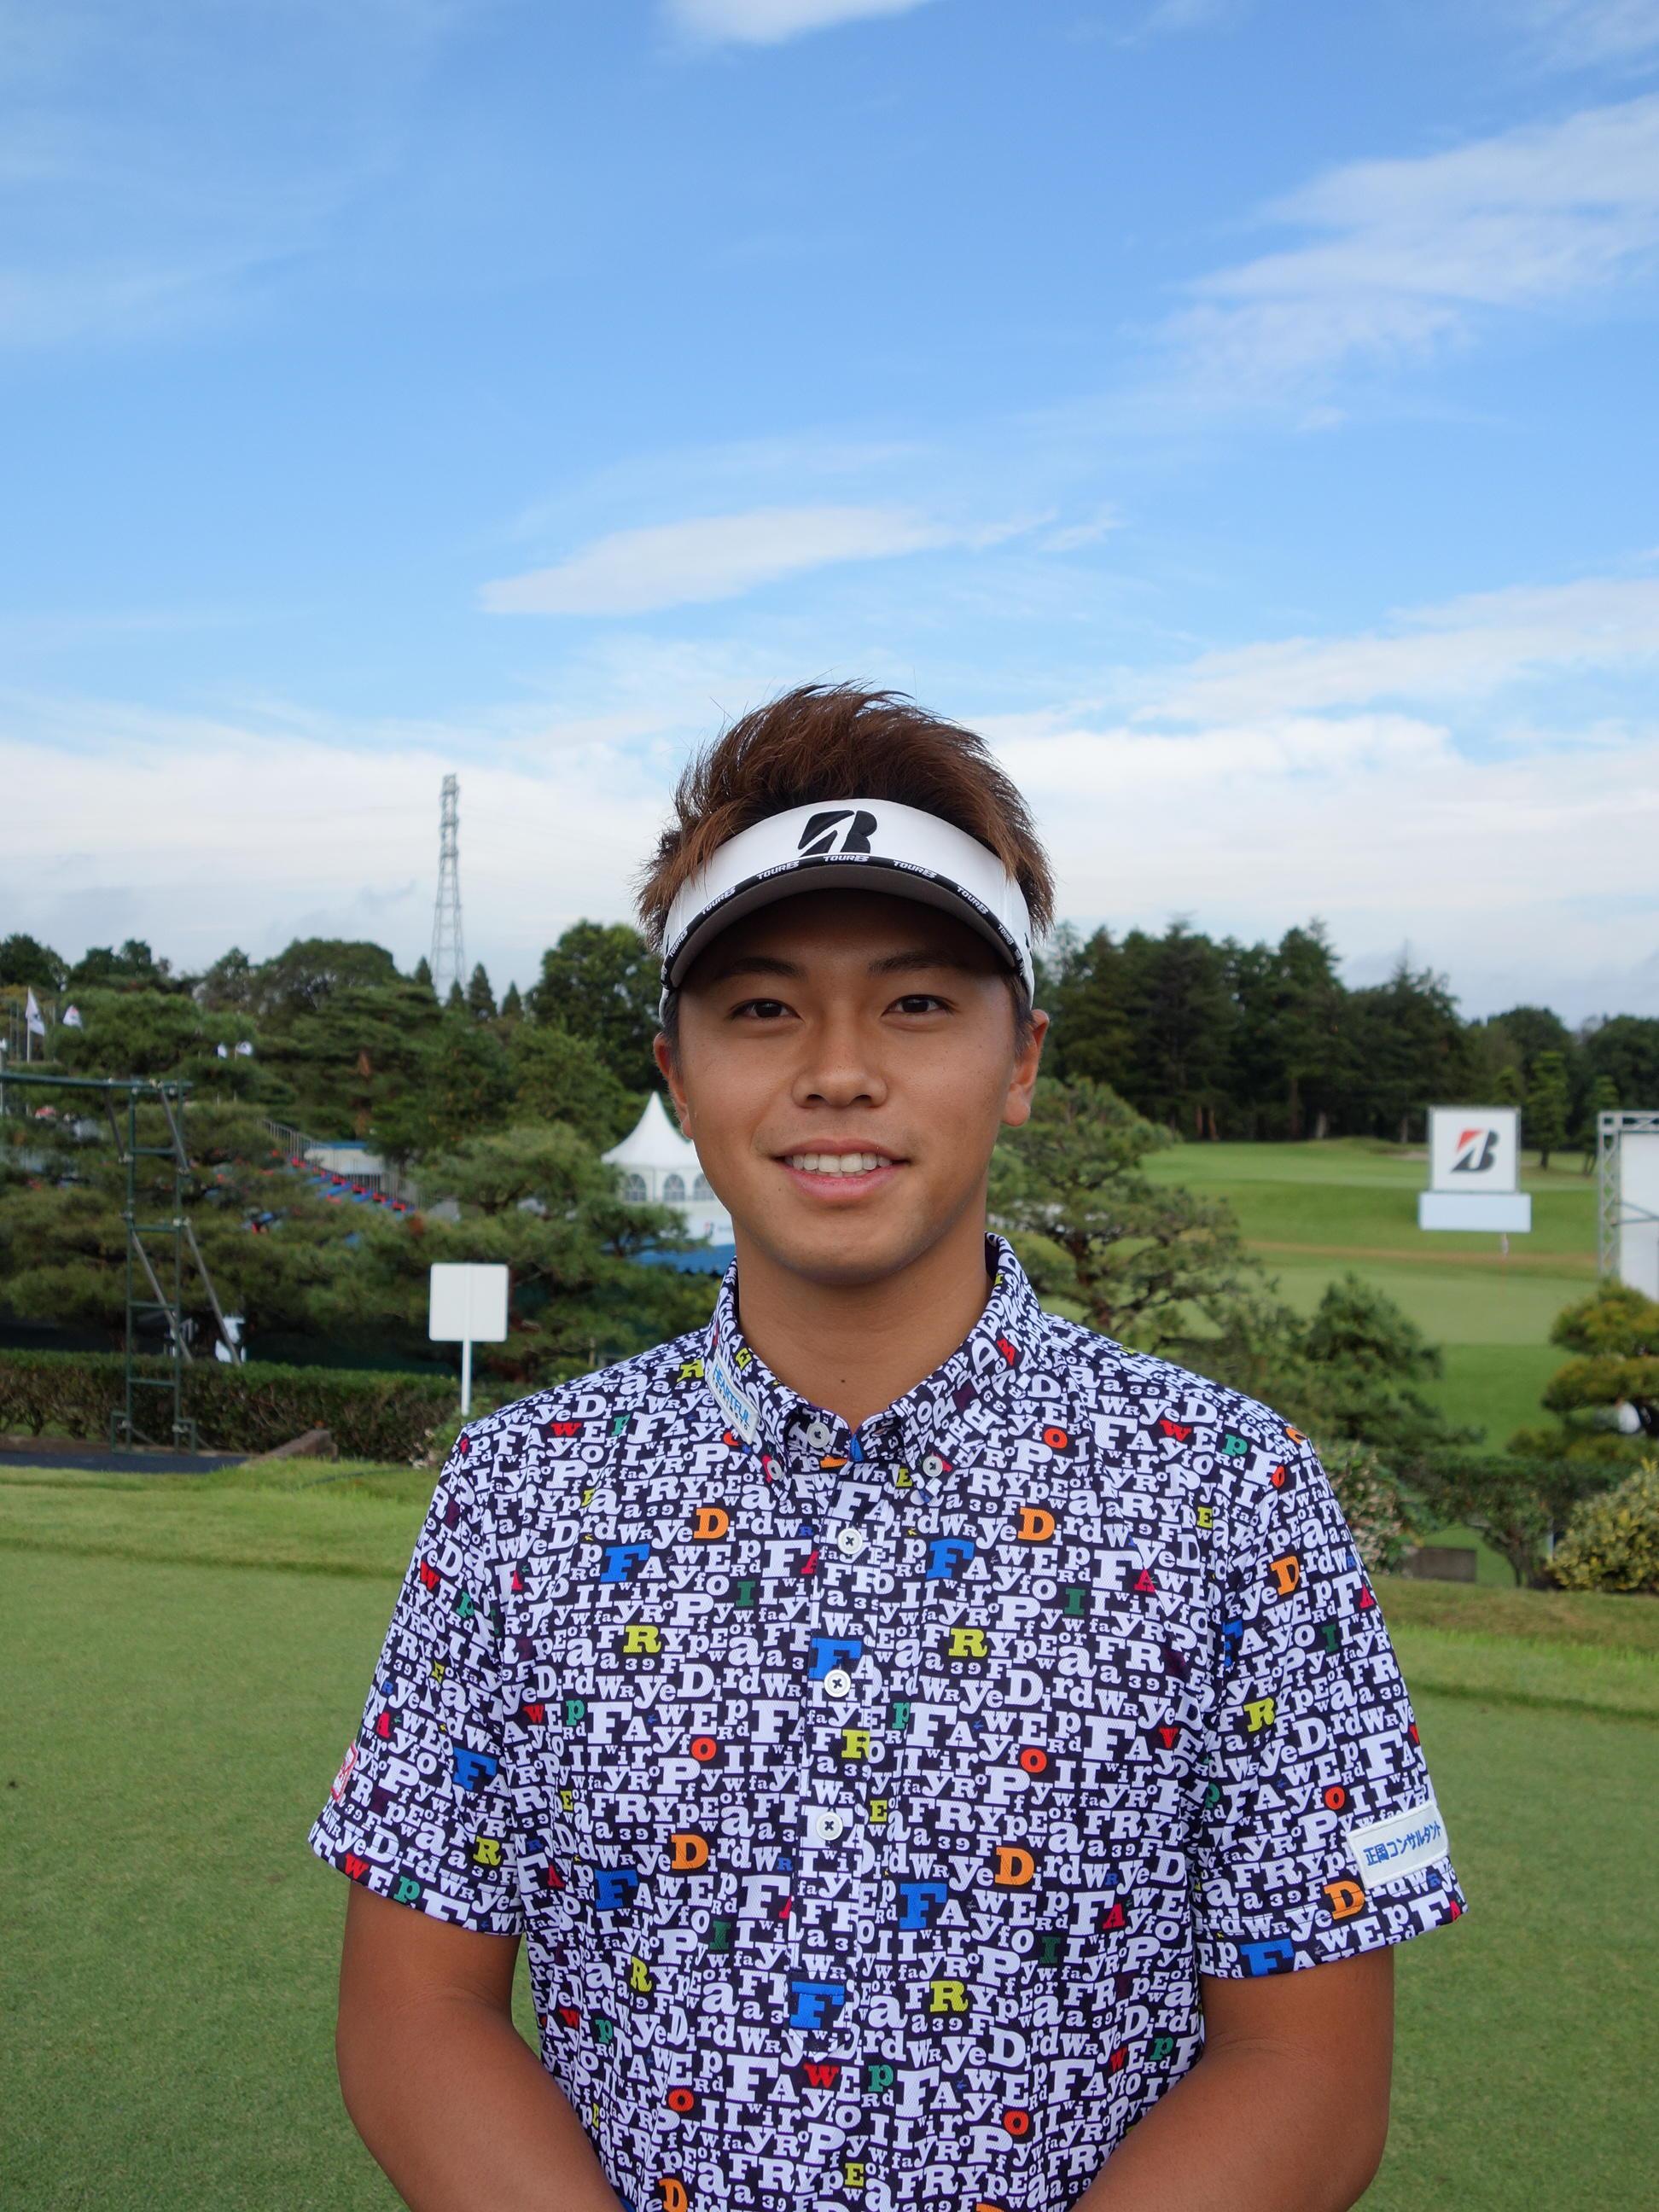 https://www.bs-golf.com/pro/026bacc8b6570055c07ee7a6b31828b8b6d82dcd.JPG